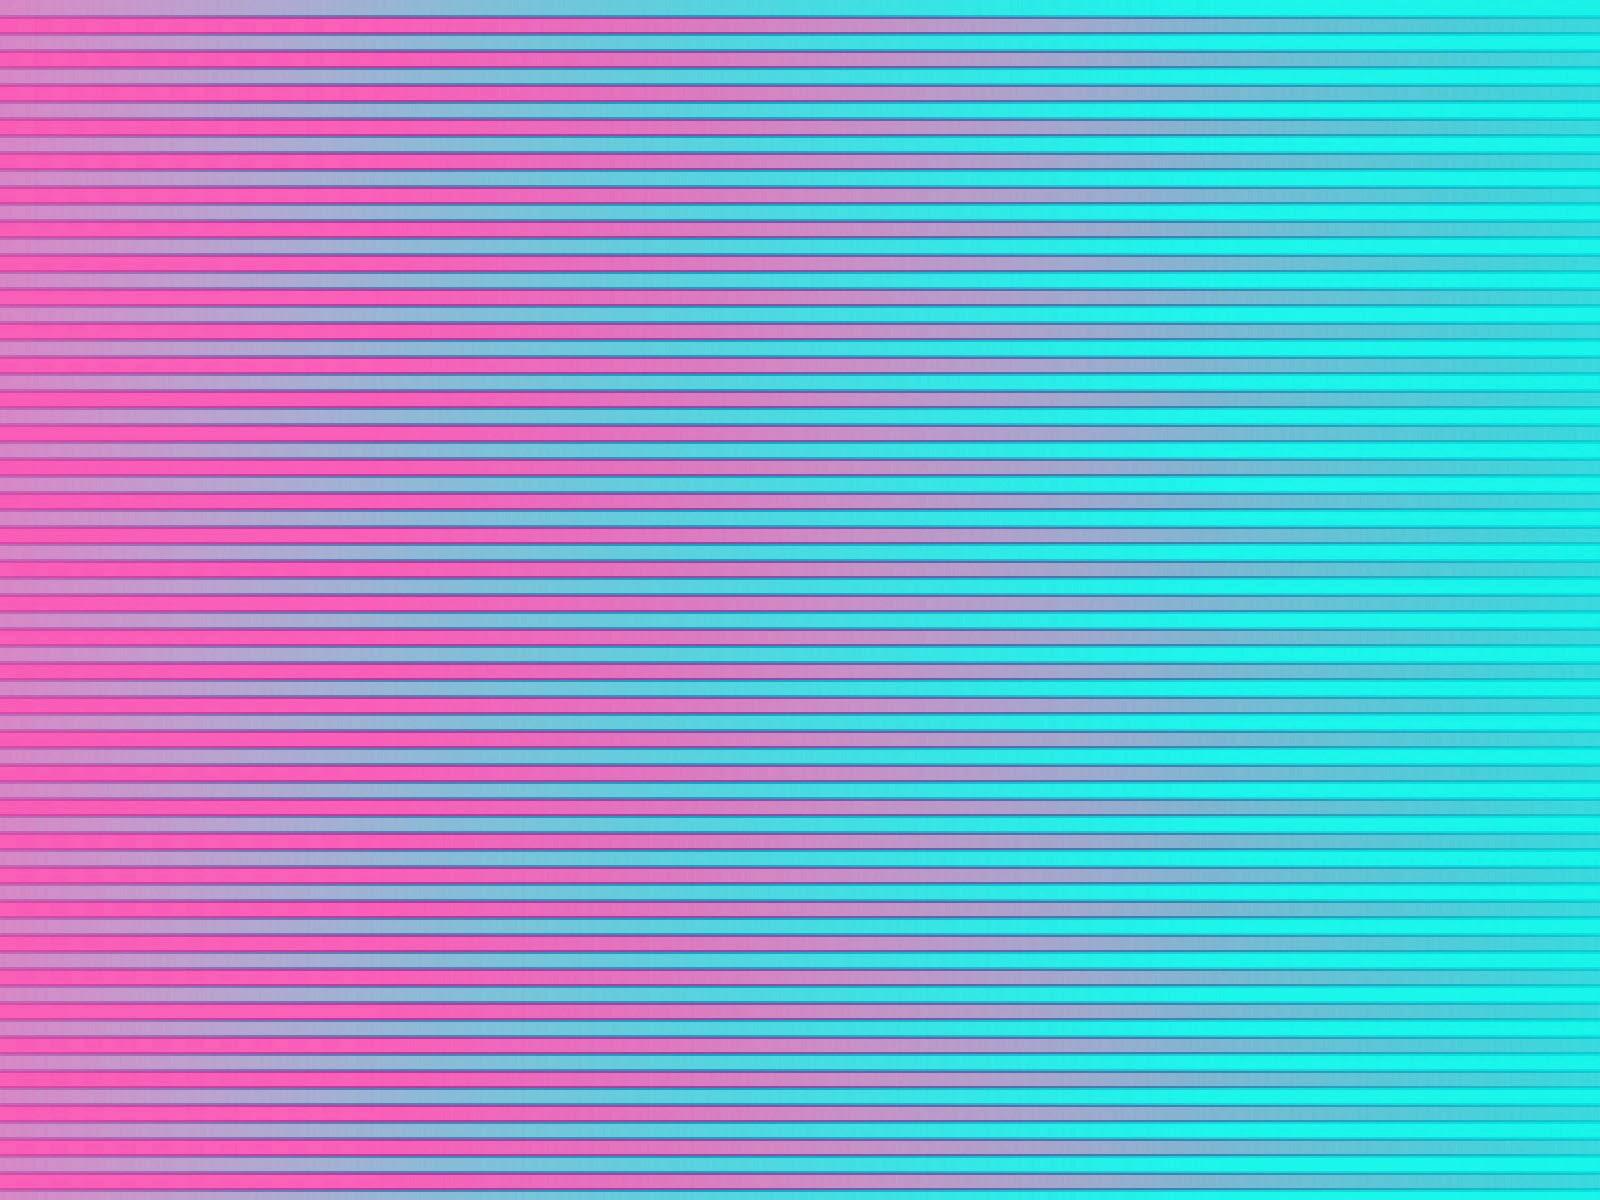 sh yn design stripe pattern wallpaper turquoise pink